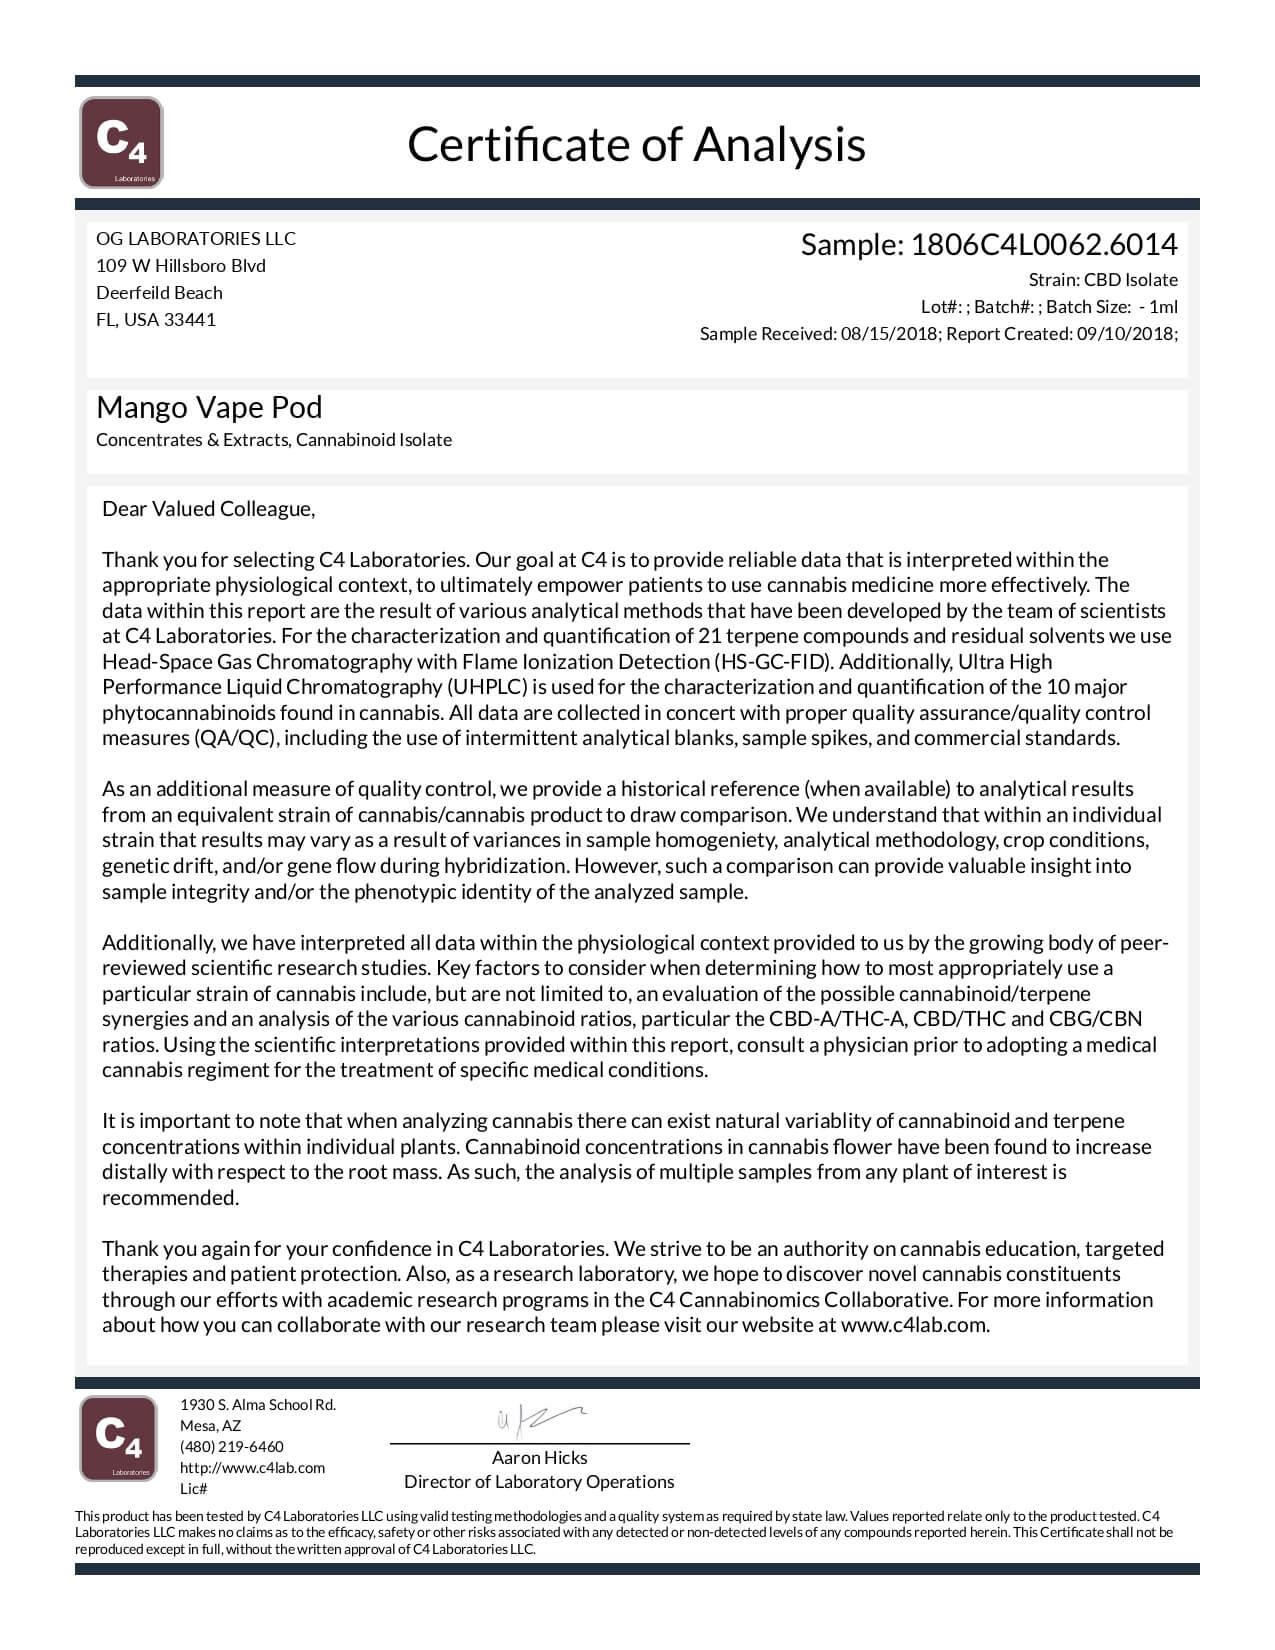 OG Labs CBD Pod Mango Lab Report